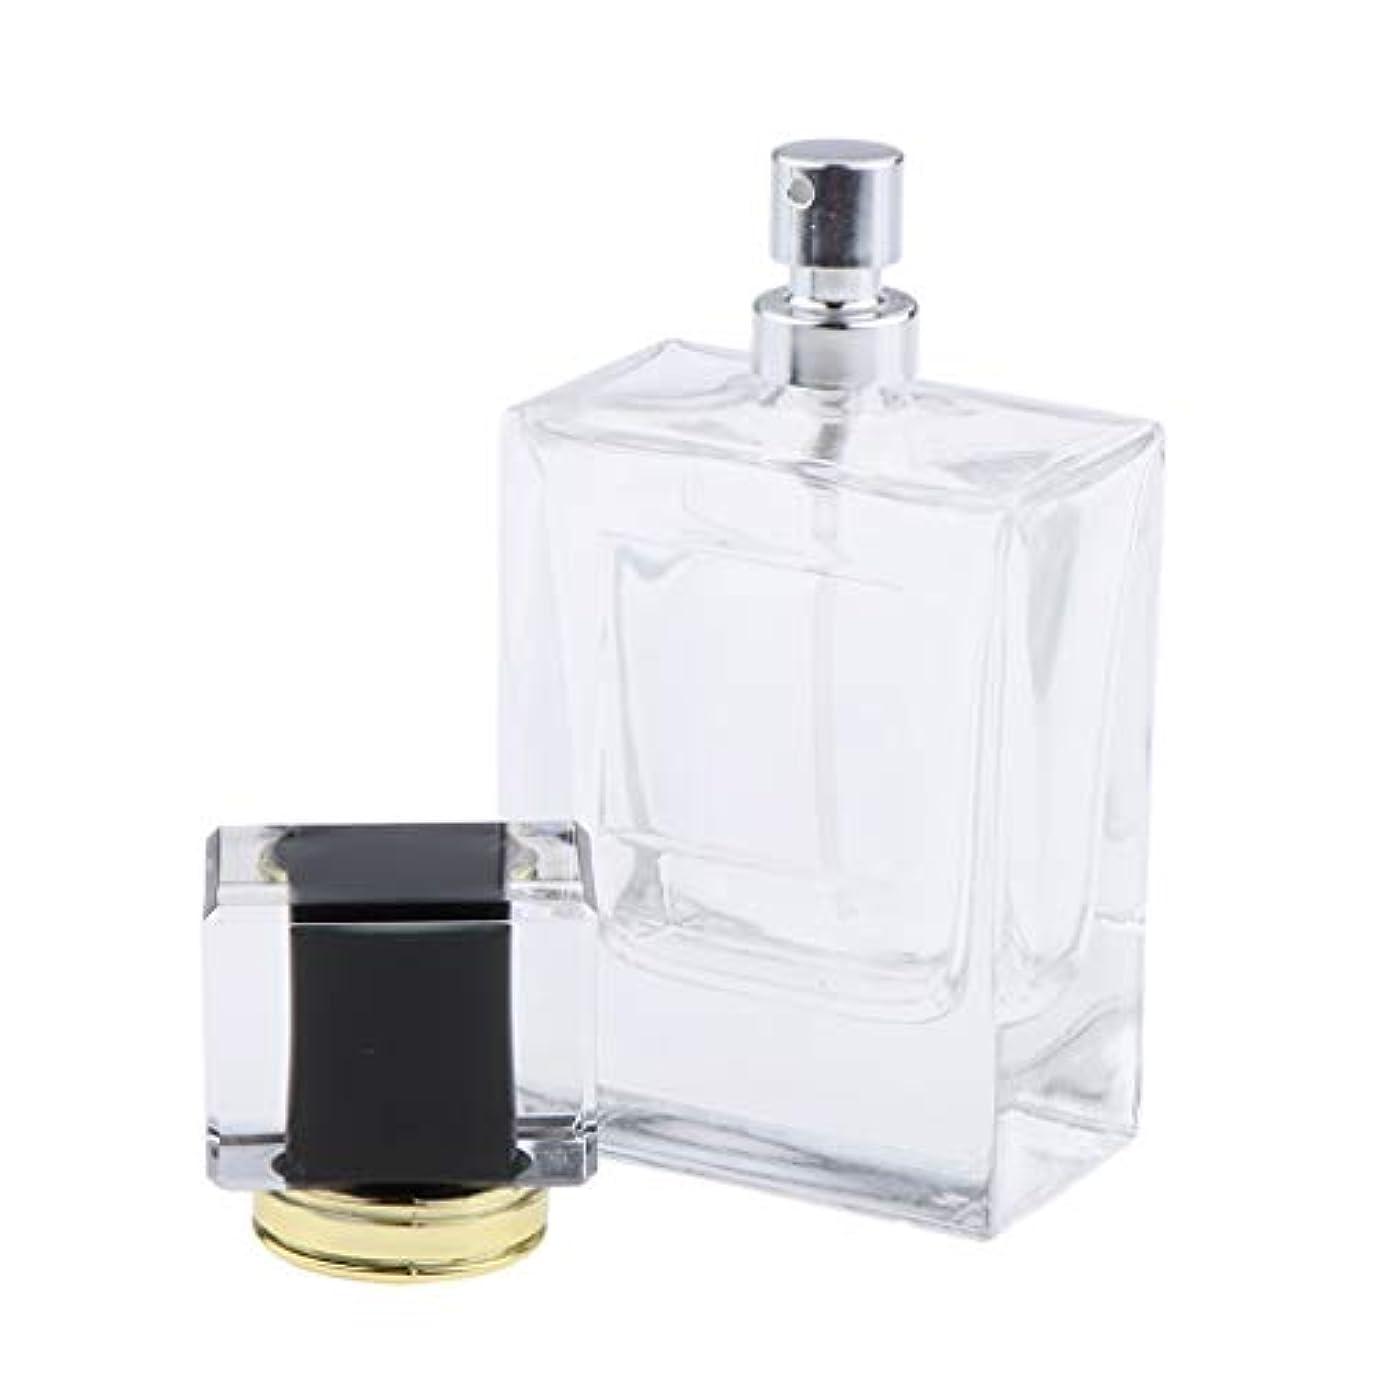 タービン不振協定香水瓶 化粧ボトル 透明ガラス ポンプスプレーボトル 手作りコスメ 4色選べ - ブラック